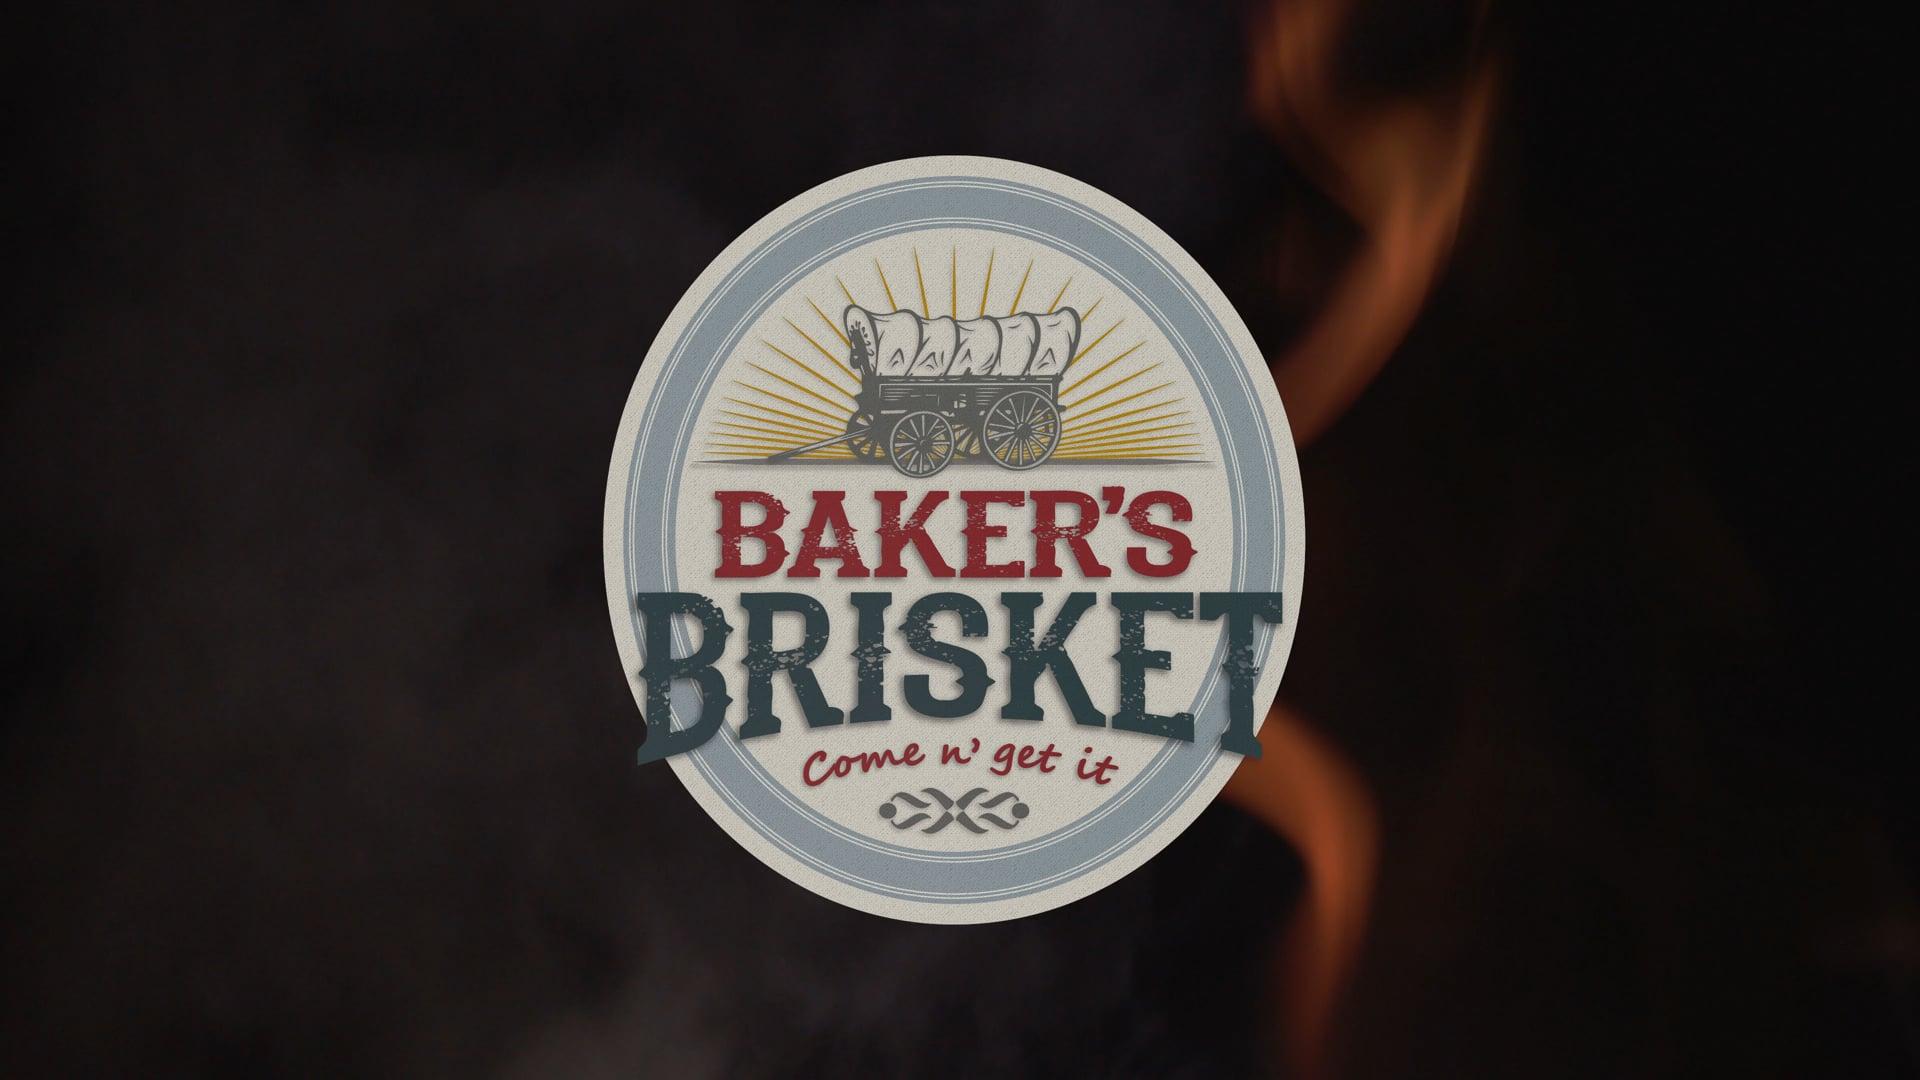 Bakers Brisket